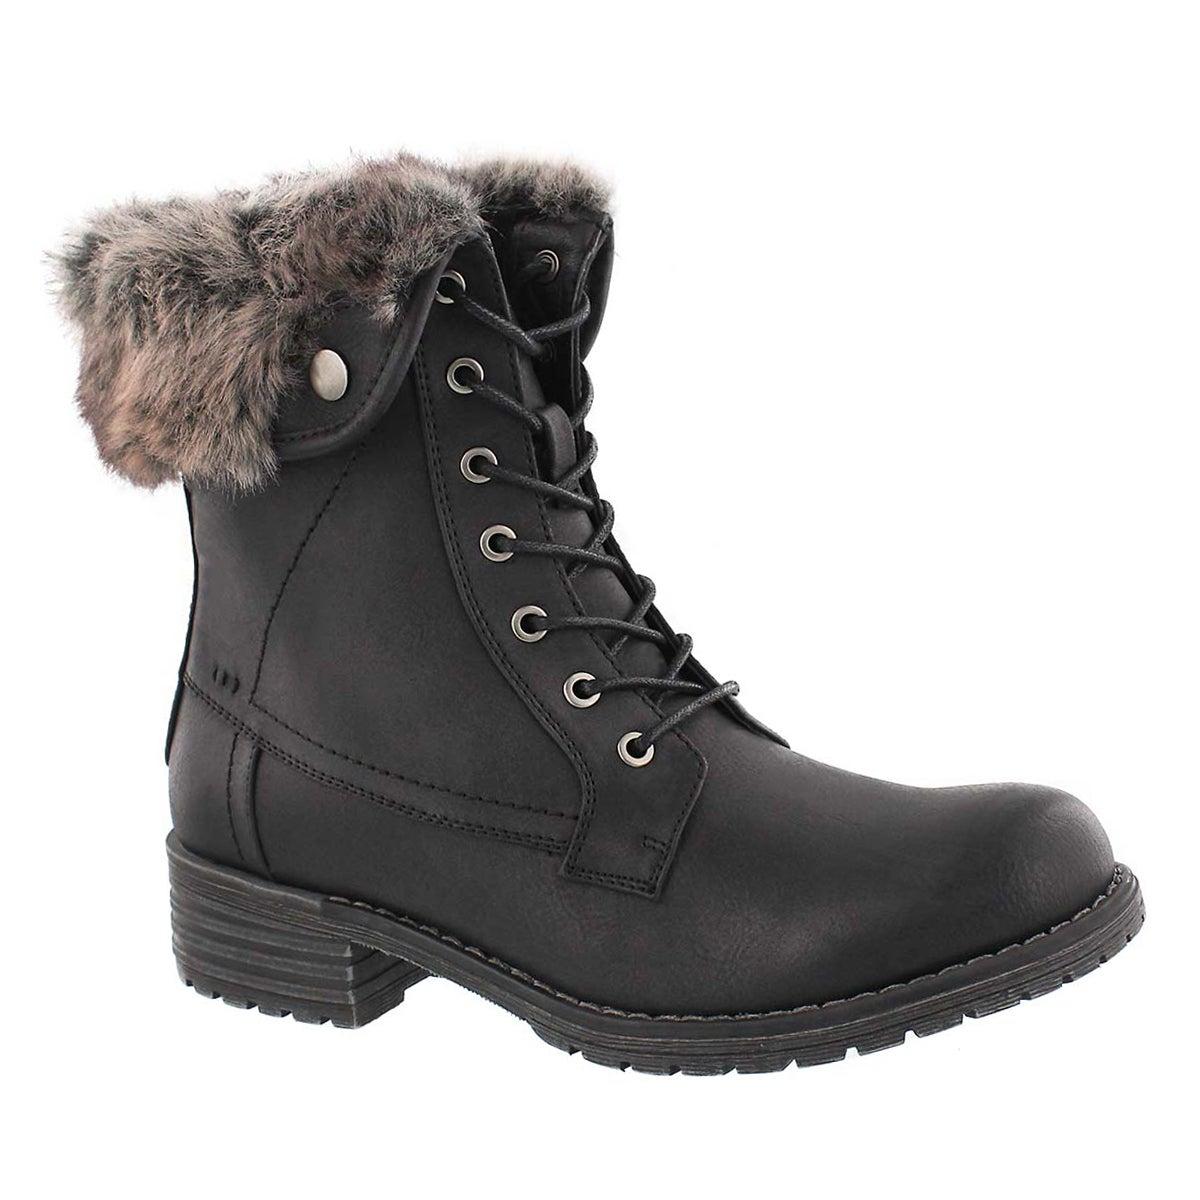 Women's HERMIONE black fur top lace up boots